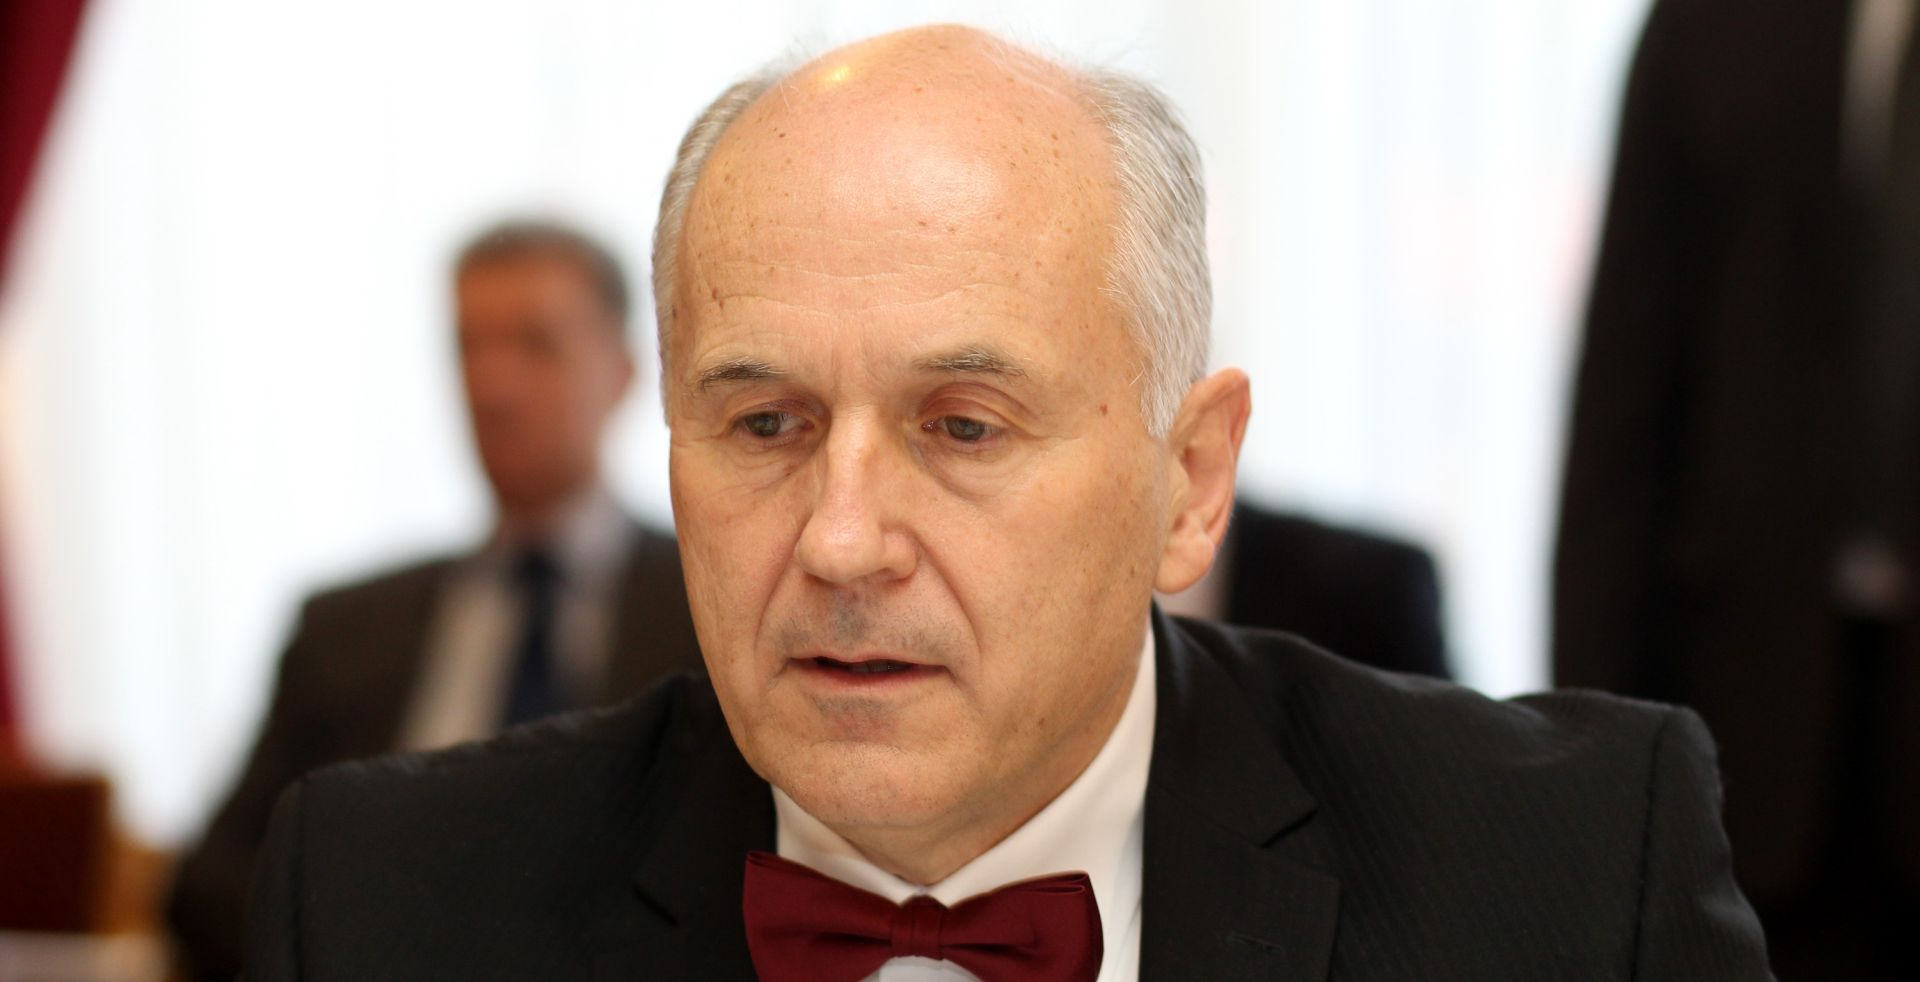 """INZKO """"Stanje u BiH pogoršali politički sukobi i iščekivanje izbora"""""""